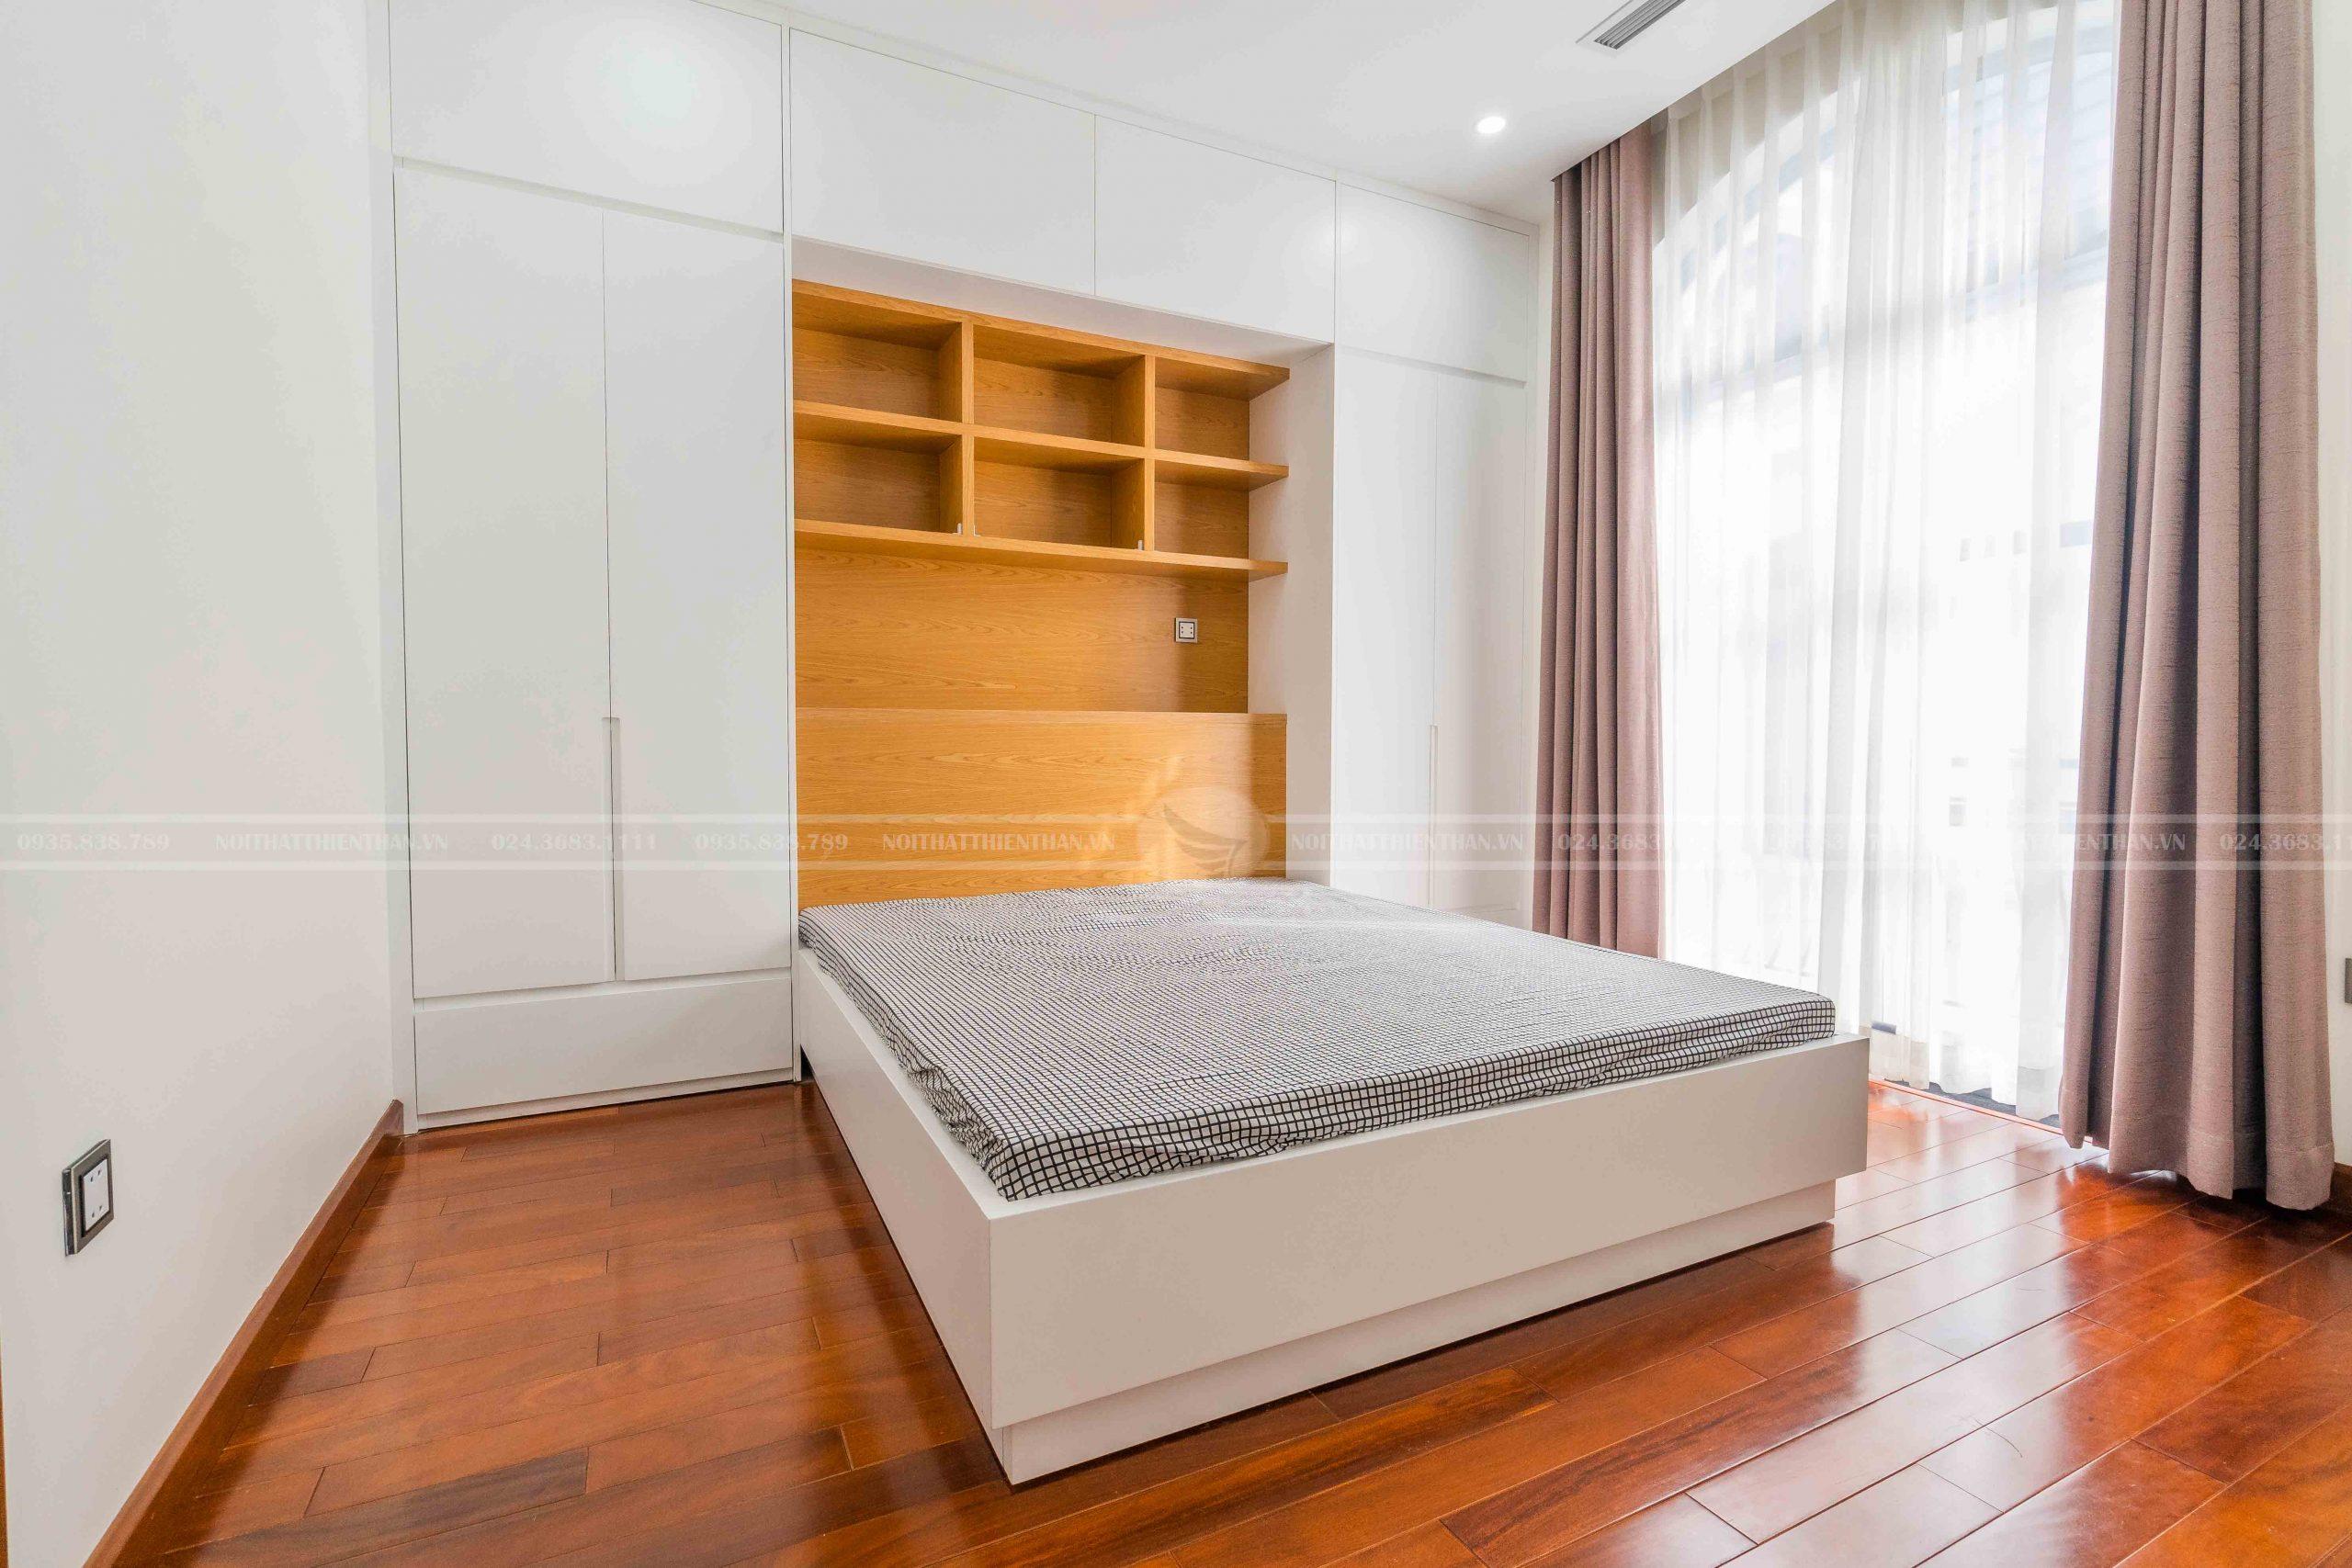 nội thất phòng ngủ phong cách hiện đại